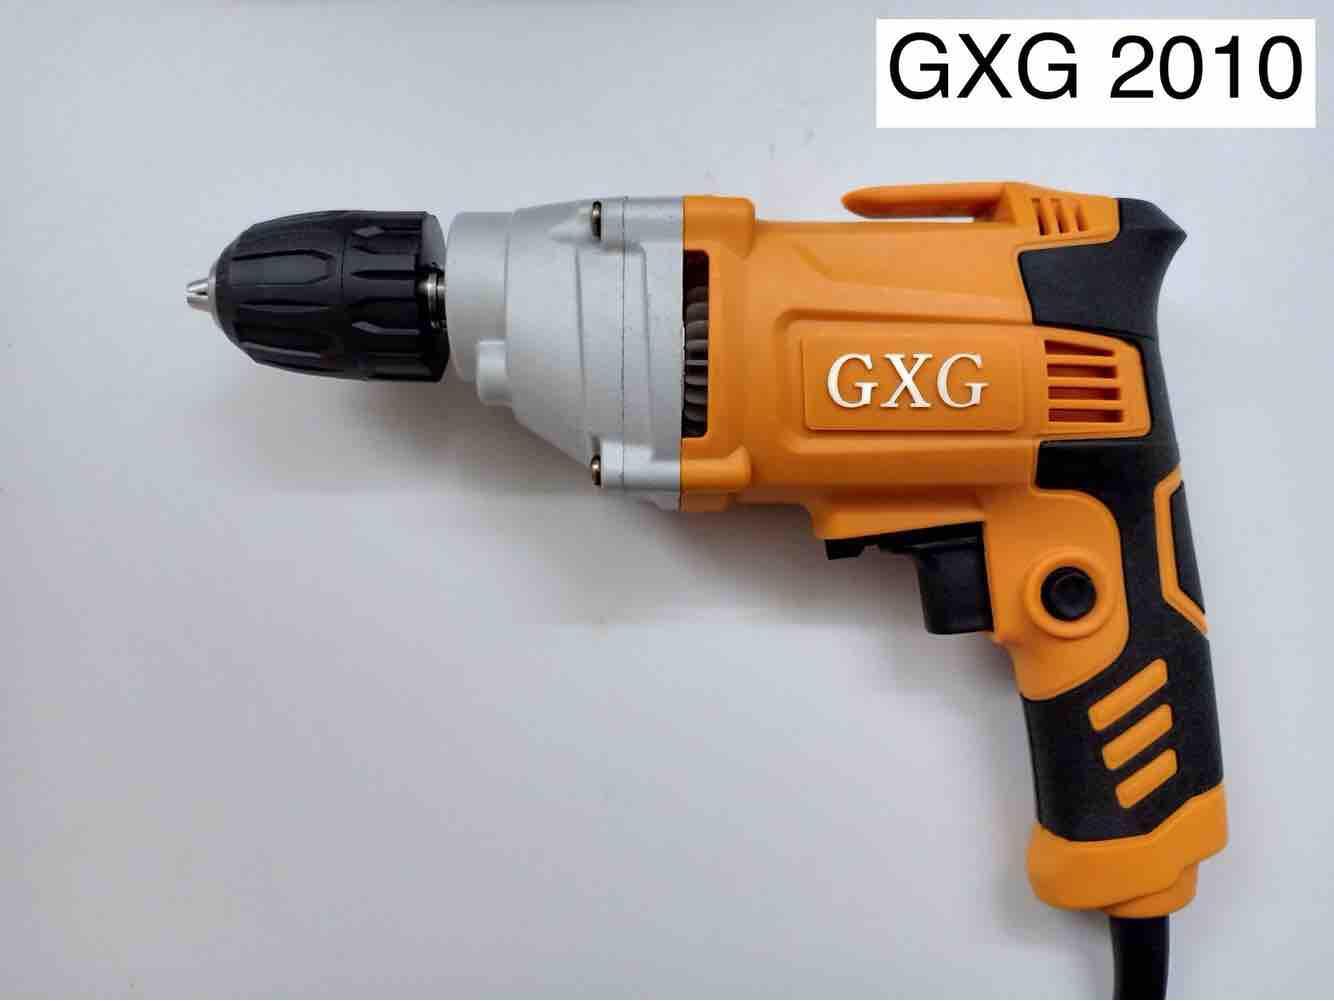 Máy khoan cầm tay GXG 2010